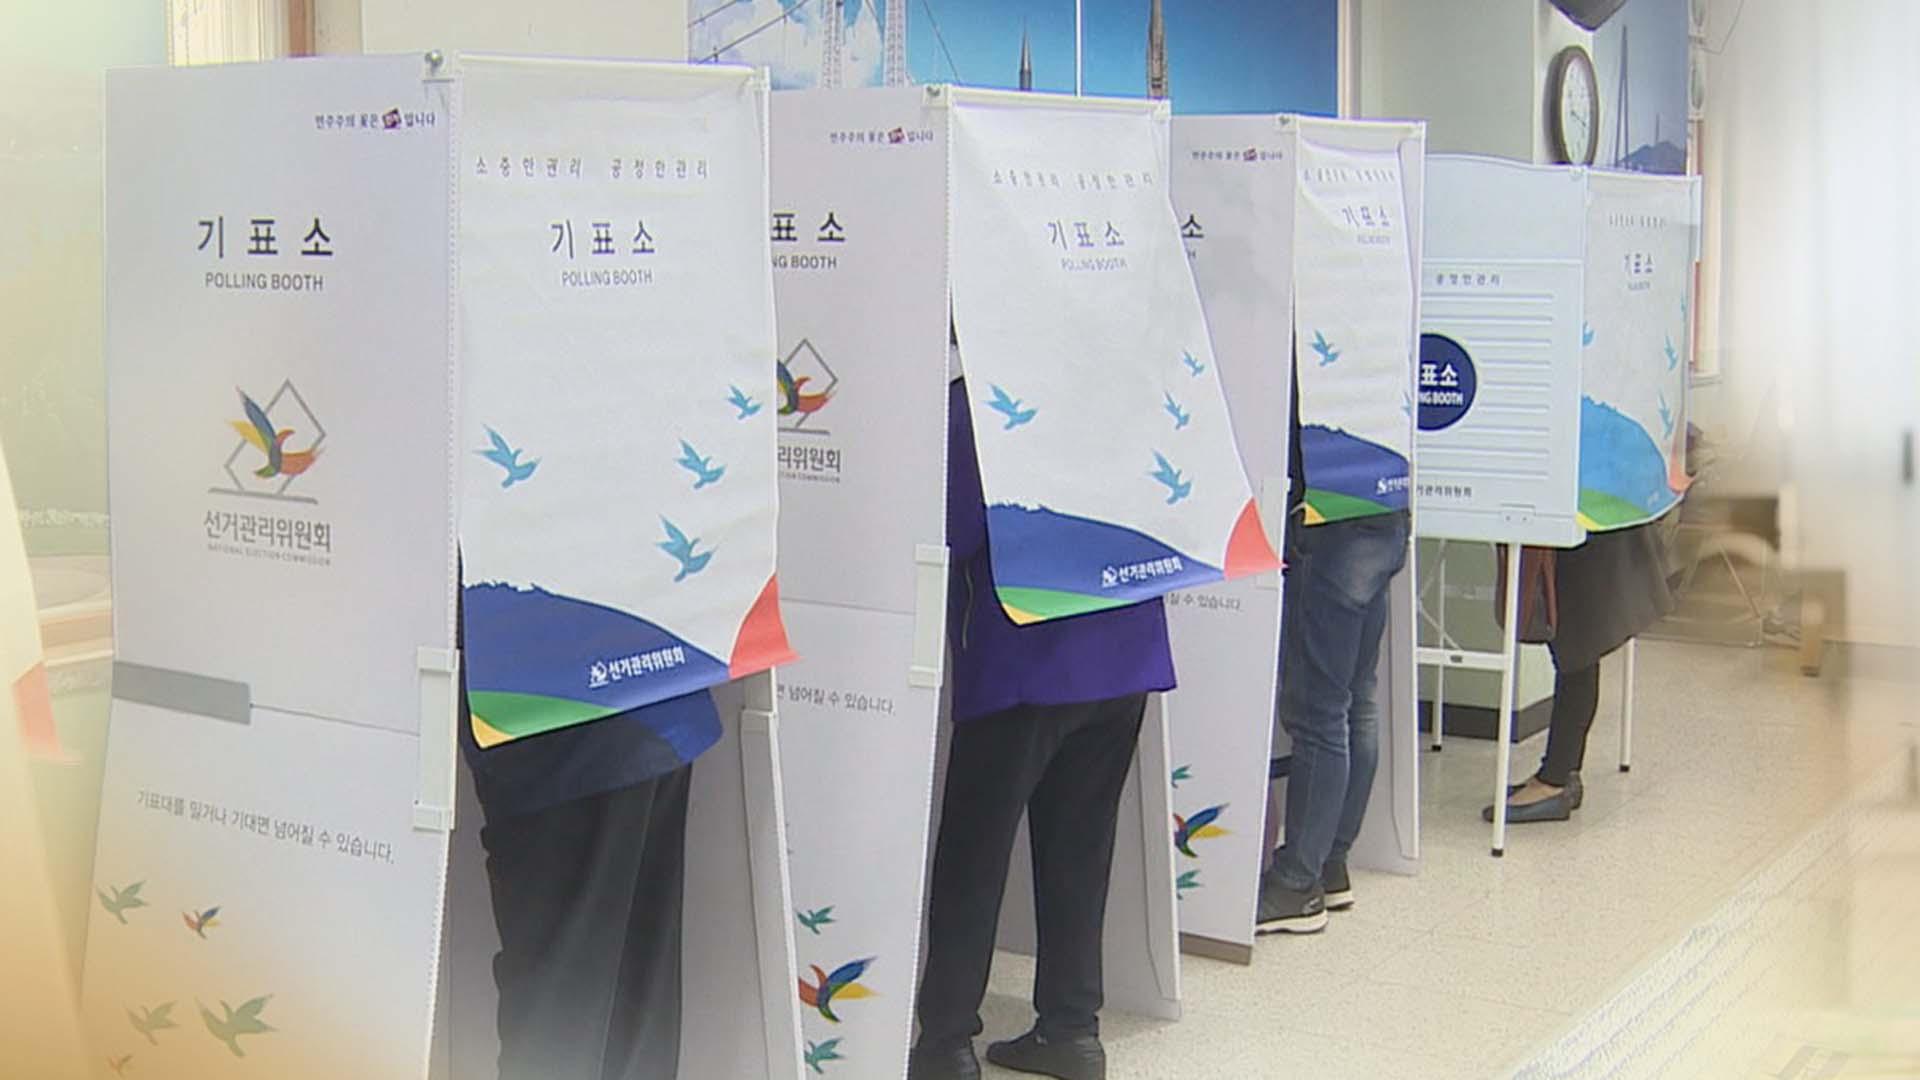 부산 이어 서울까지…4월 보궐선거, 대선 전초전 되나